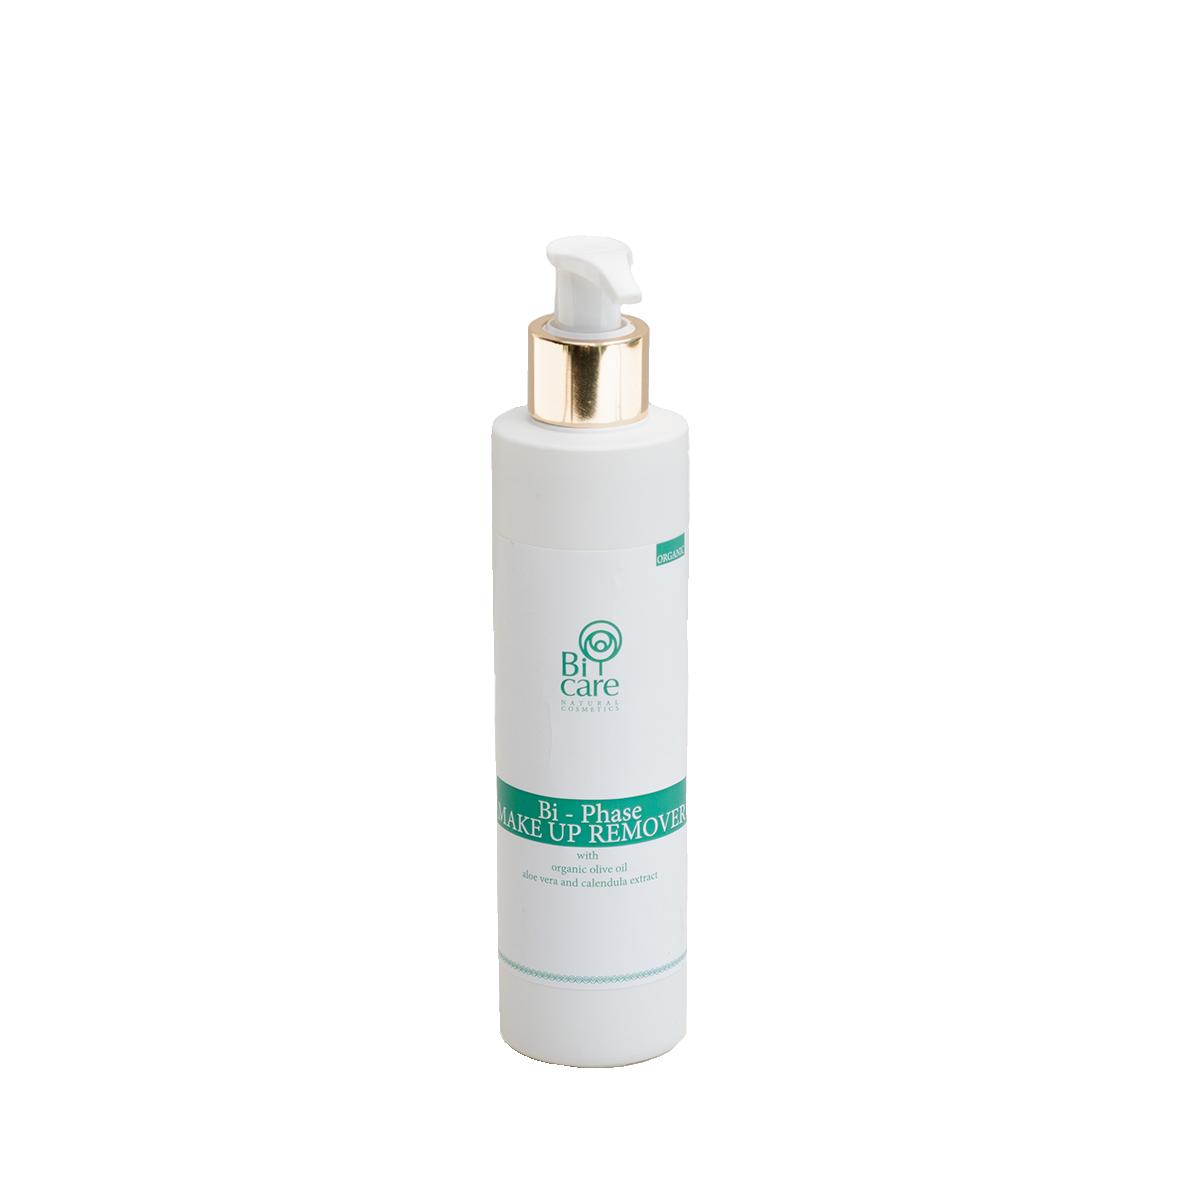 Διφασικό make up remover | Με αλόη βέρα & εκχύλισμα καλέντουλας 200ml | BiCare